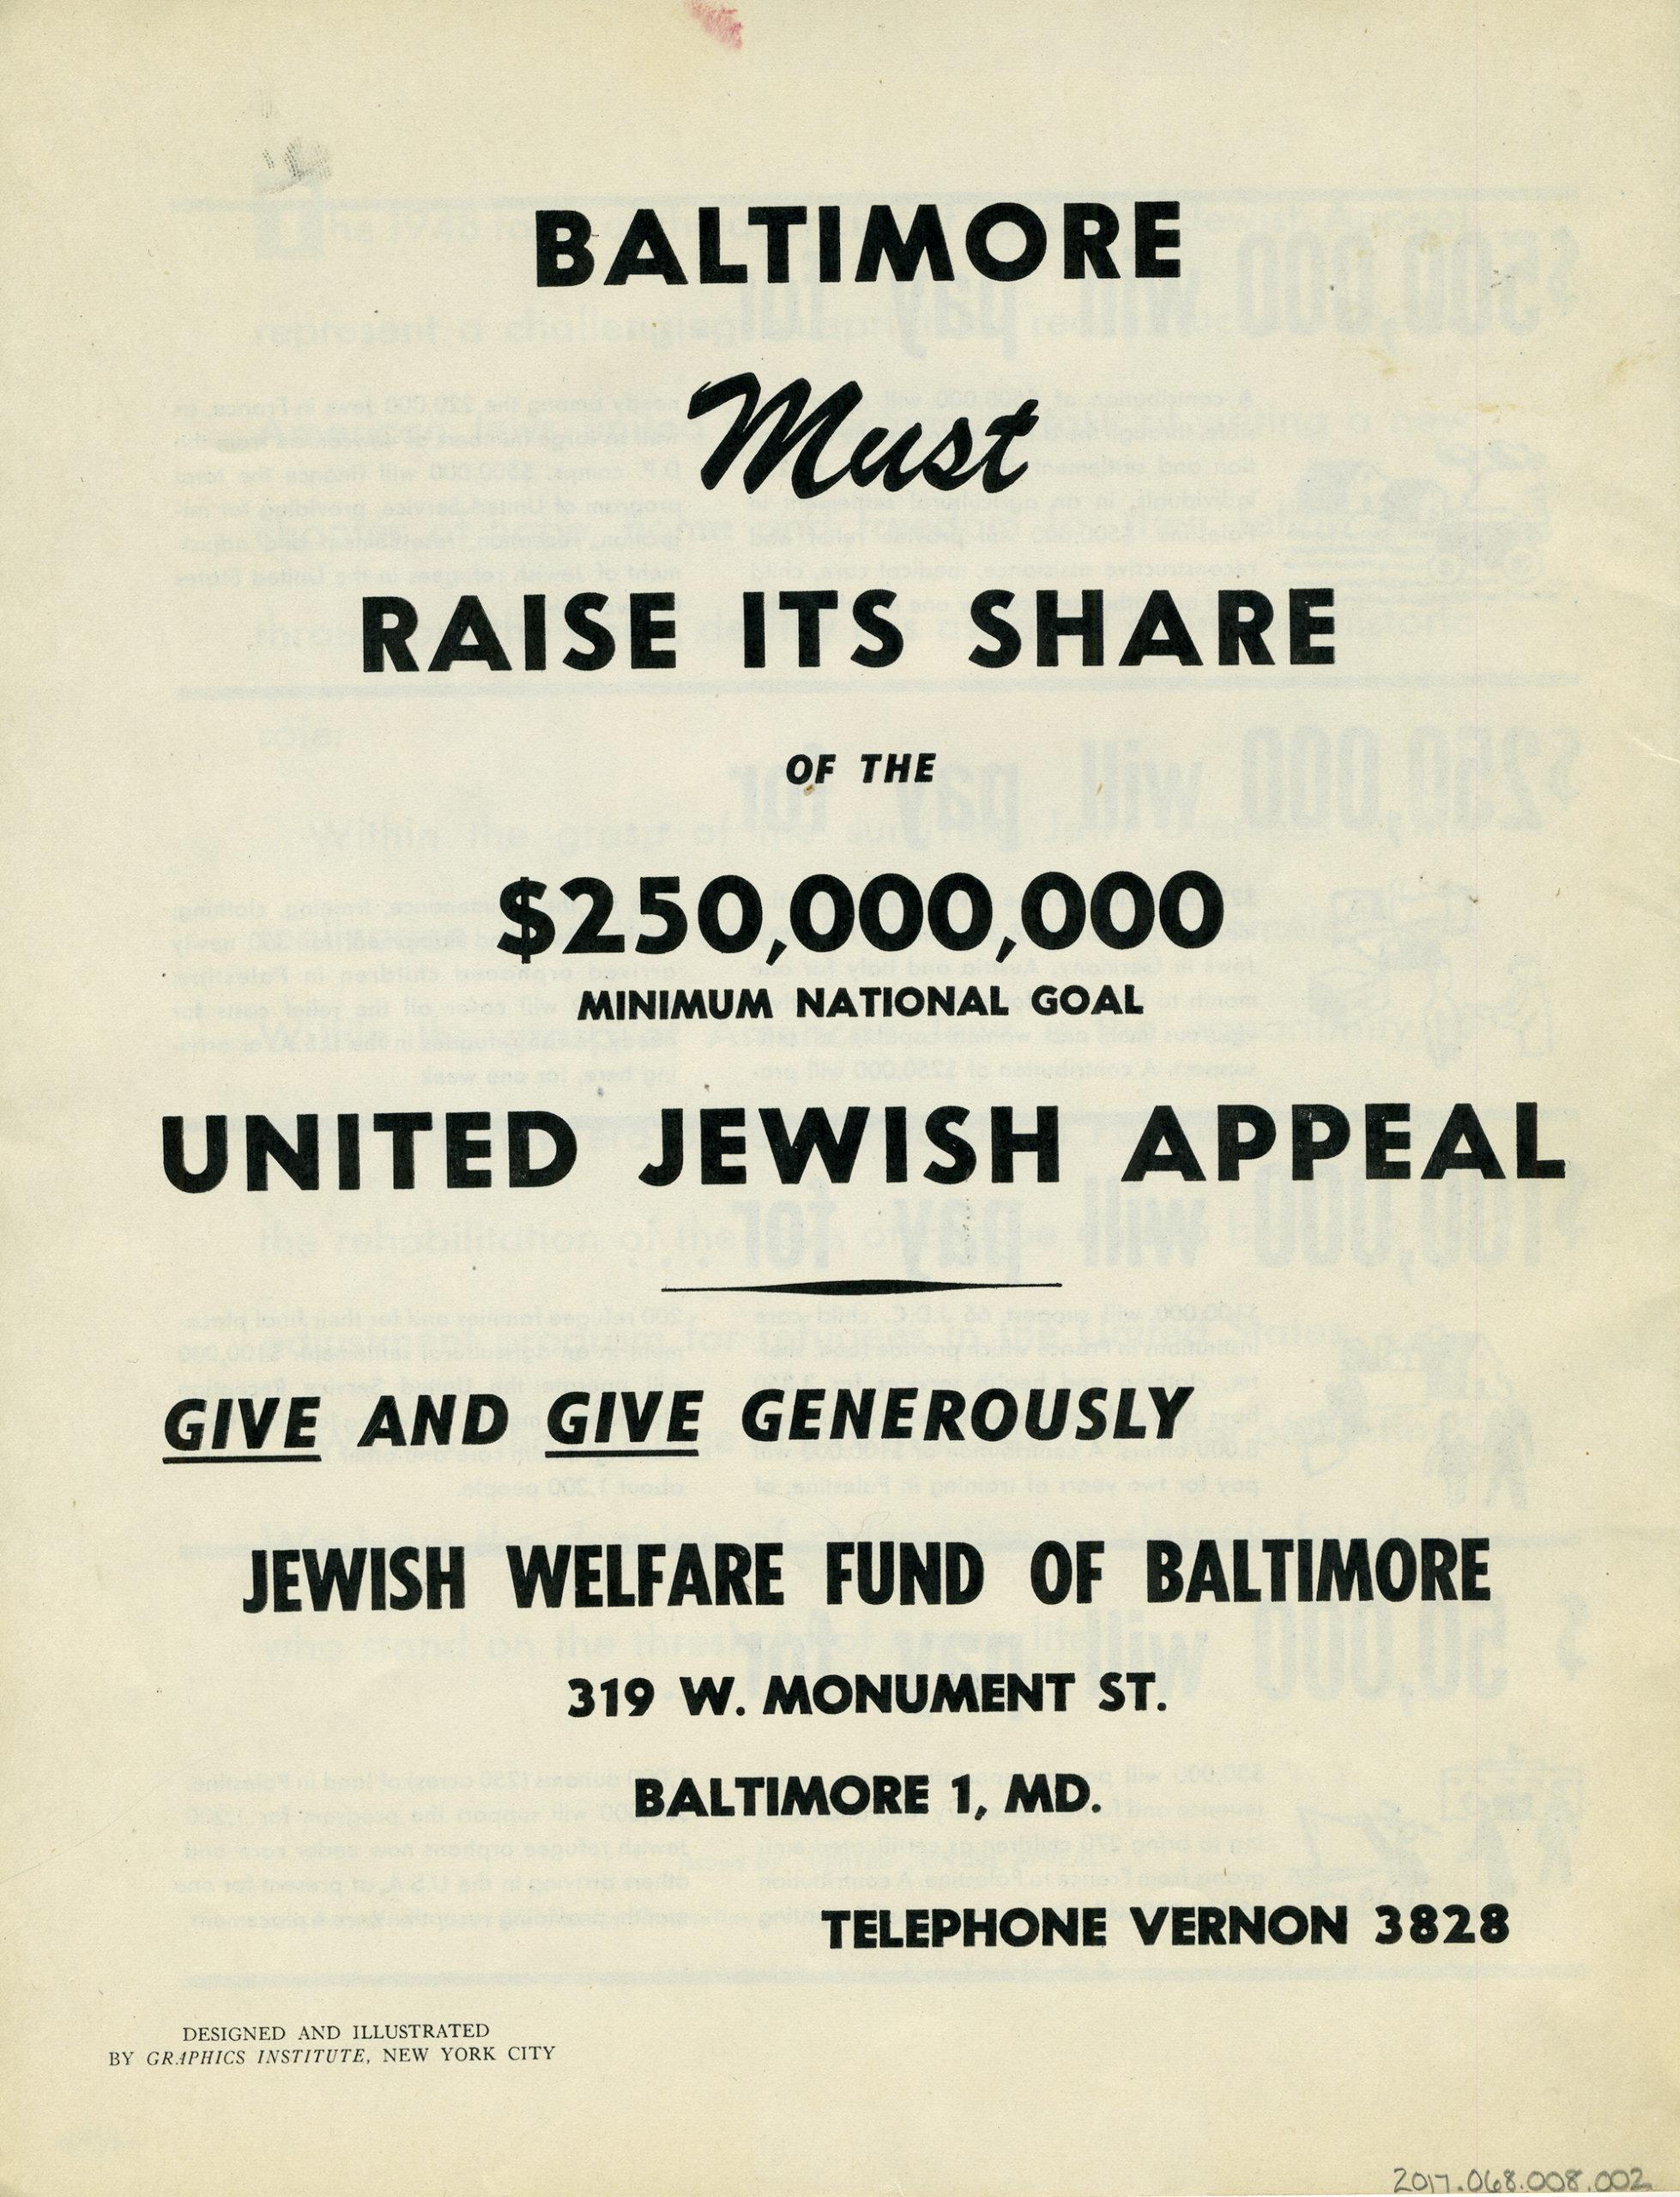 1948 image